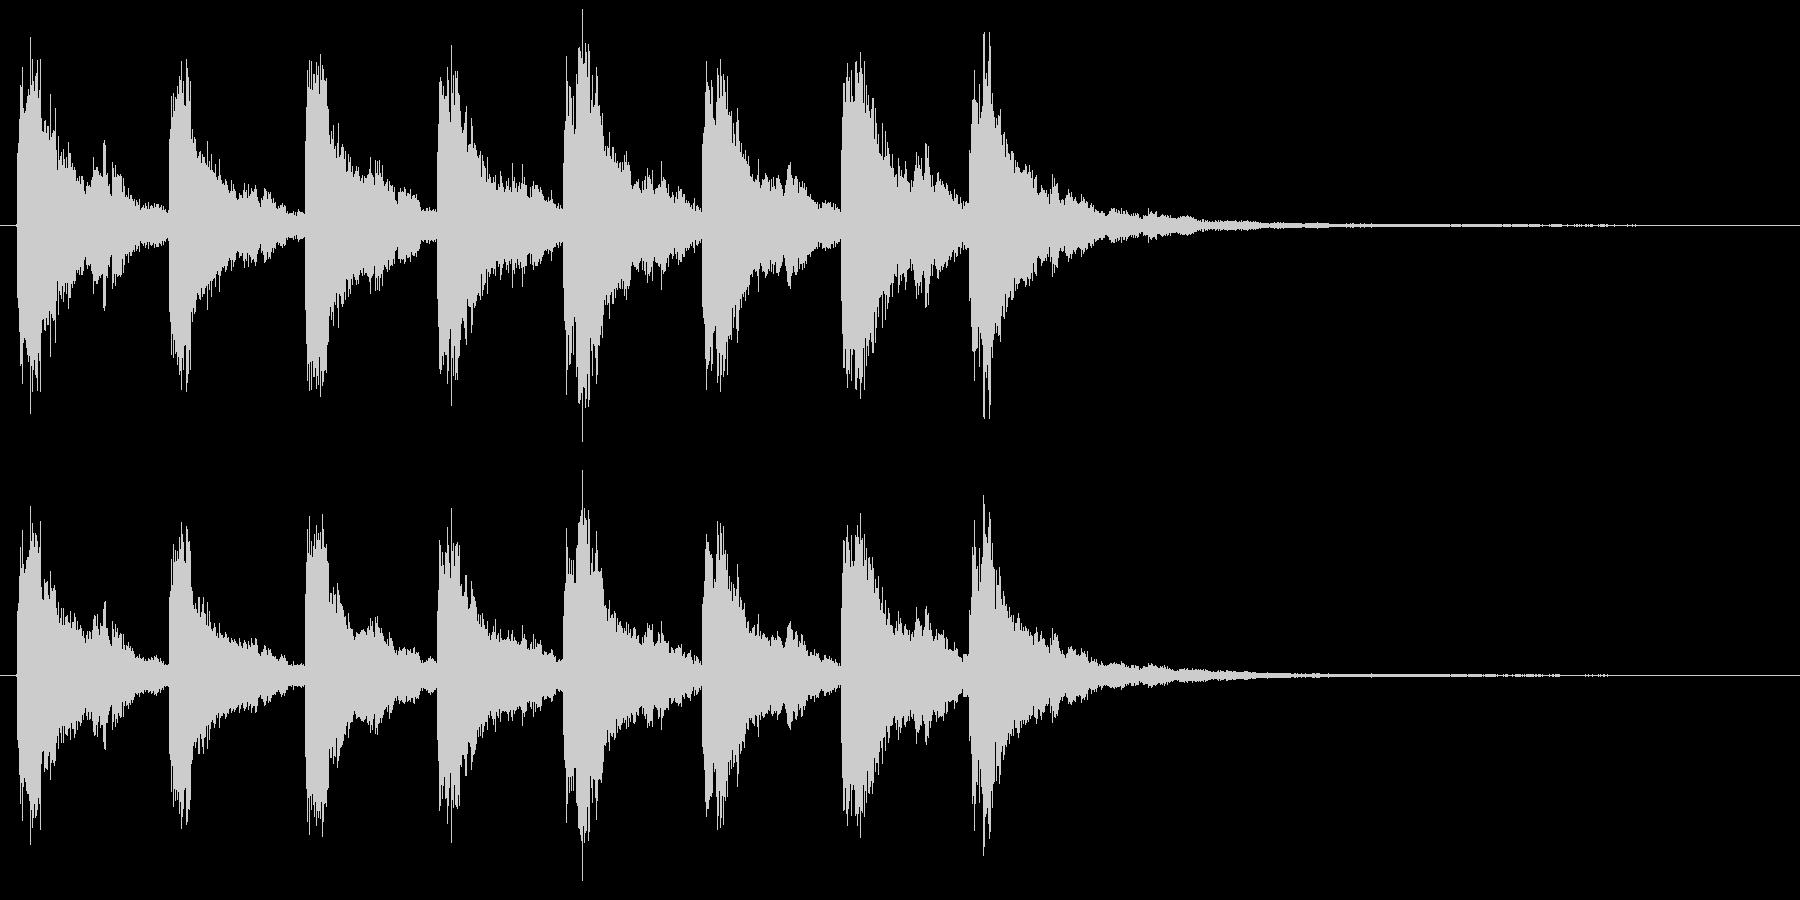 教会の鐘の音 8回キンコーーーーンの未再生の波形